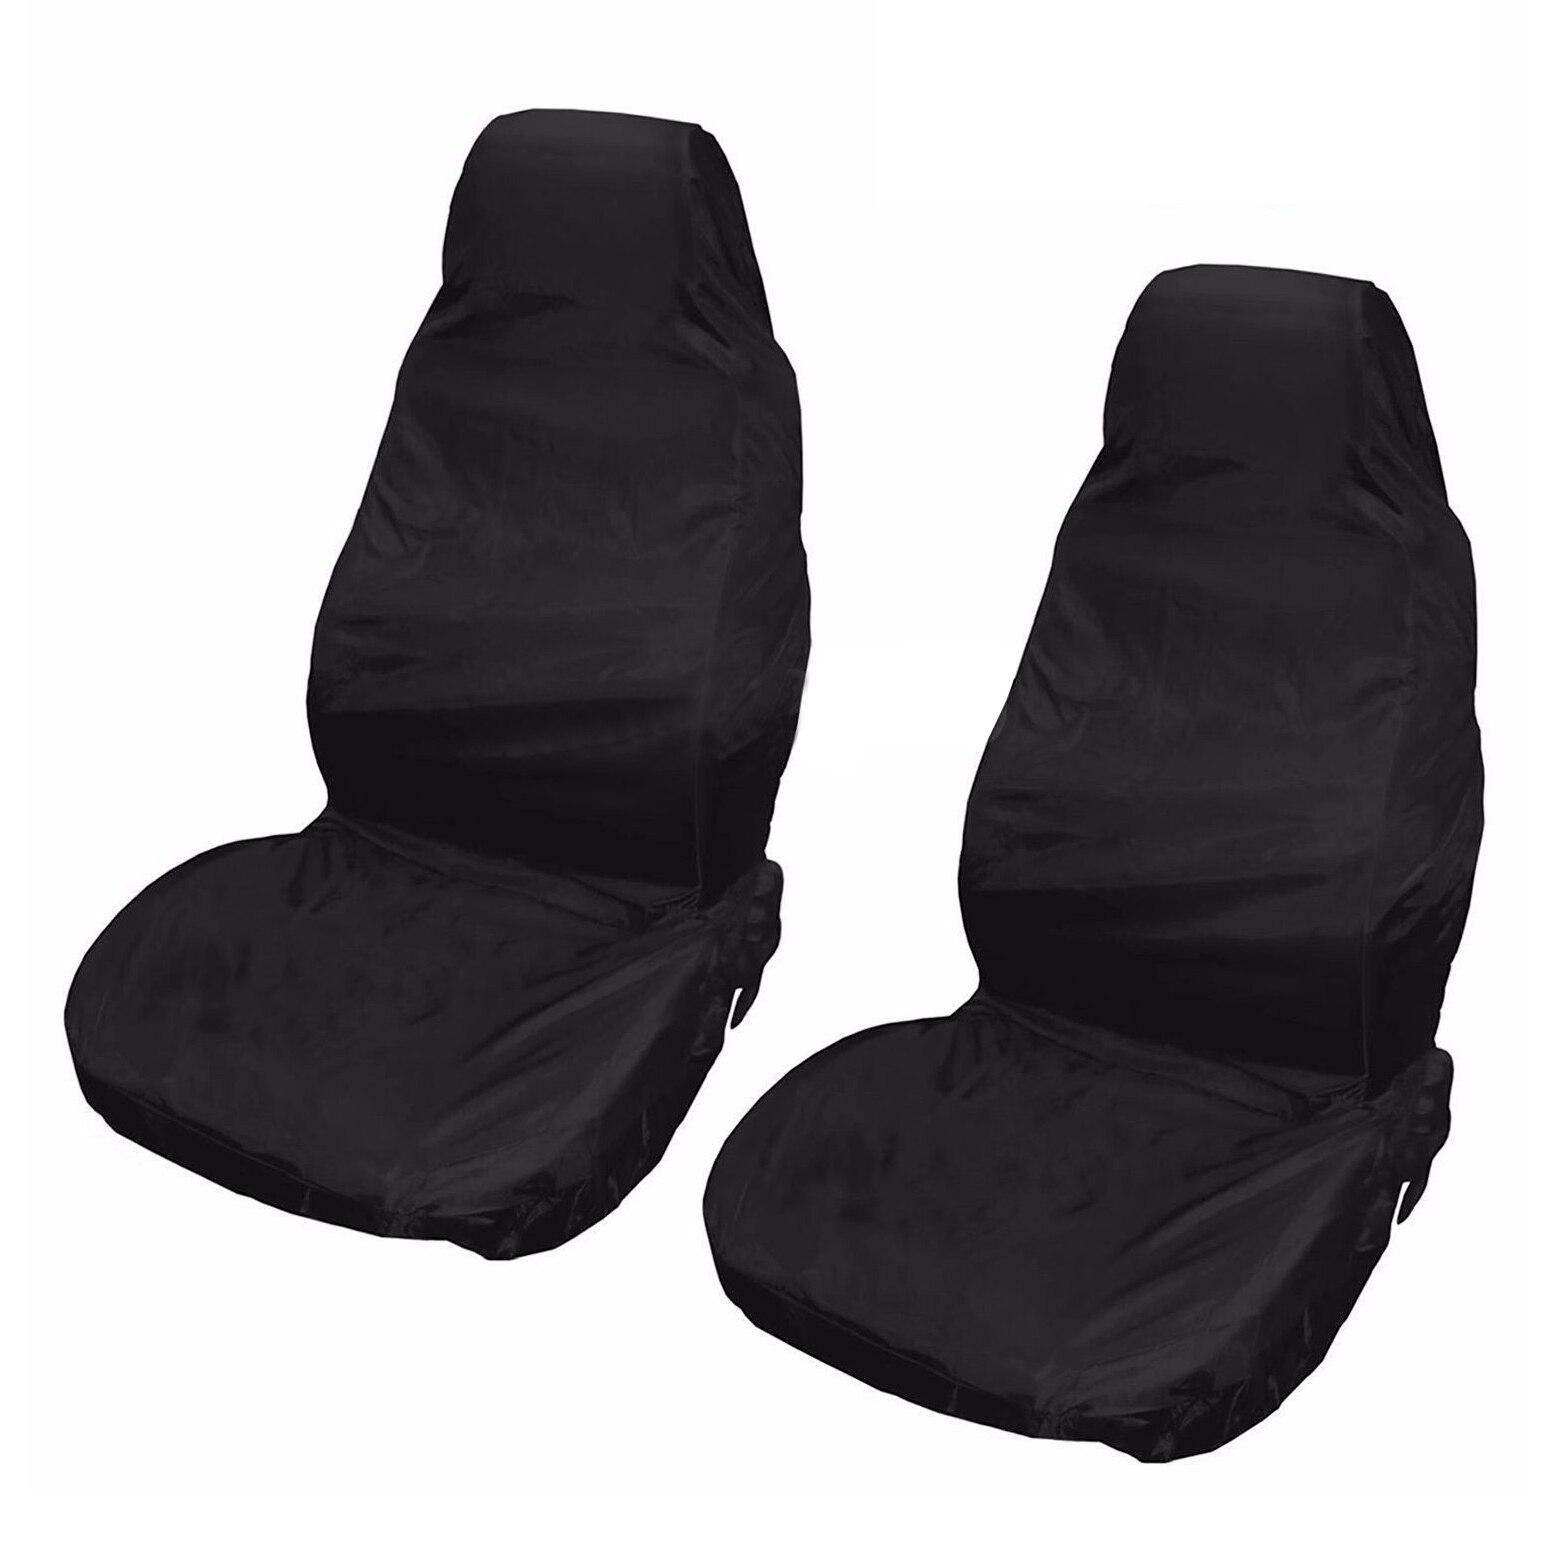 Toyl 2x Универсальный Водонепроницаемый нейлон спереди автомобилей Ван Чехлы для сидений мотоциклов черный пара